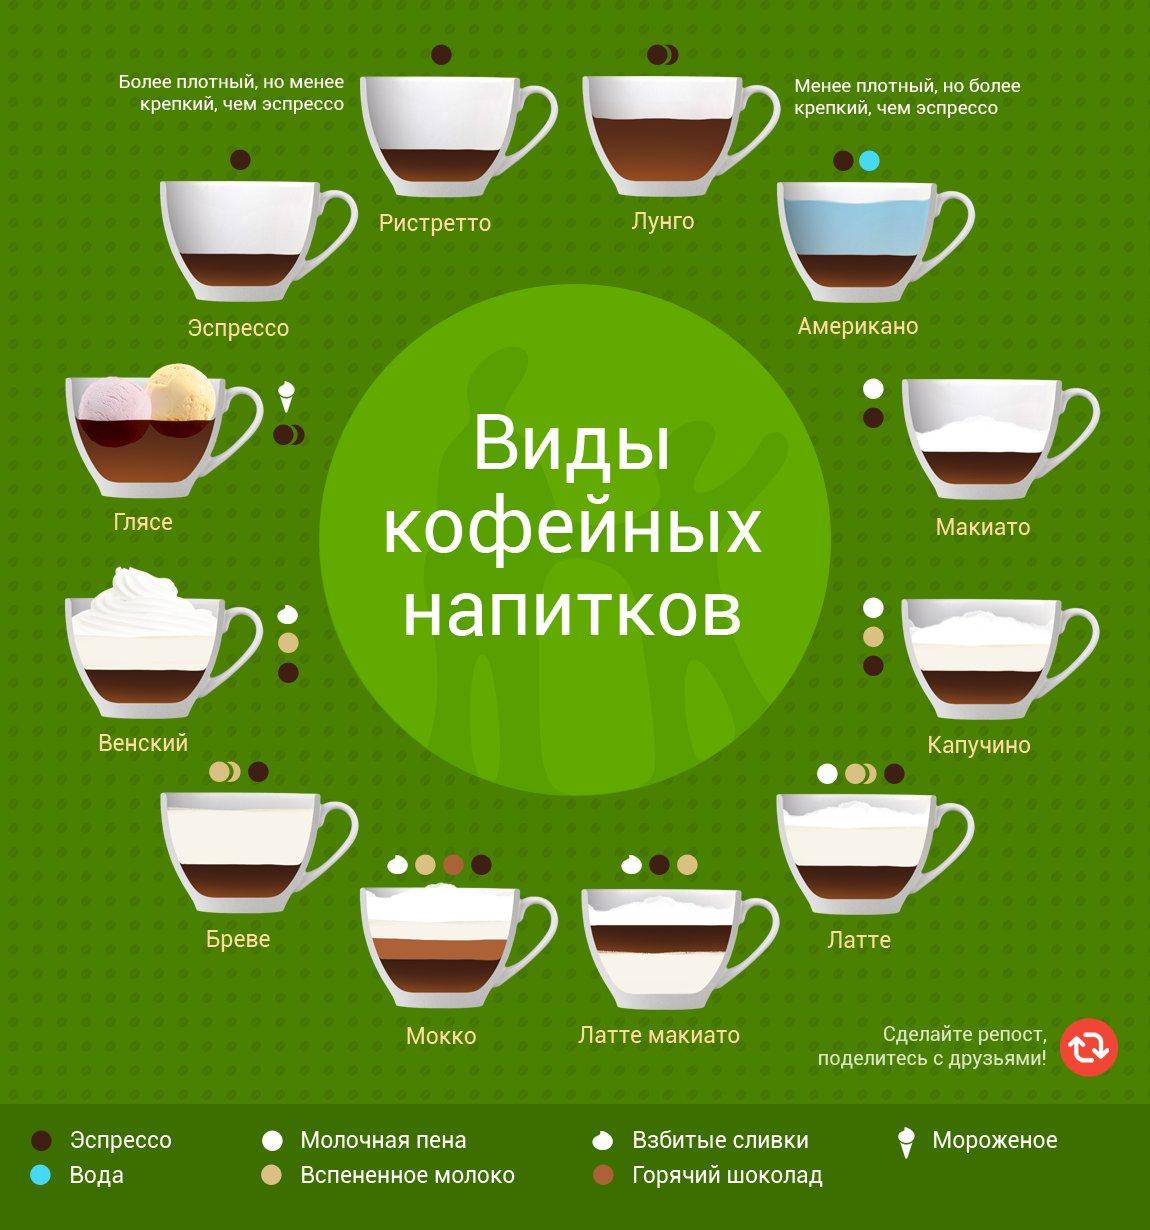 картинки составов кофе помимо этого, севере